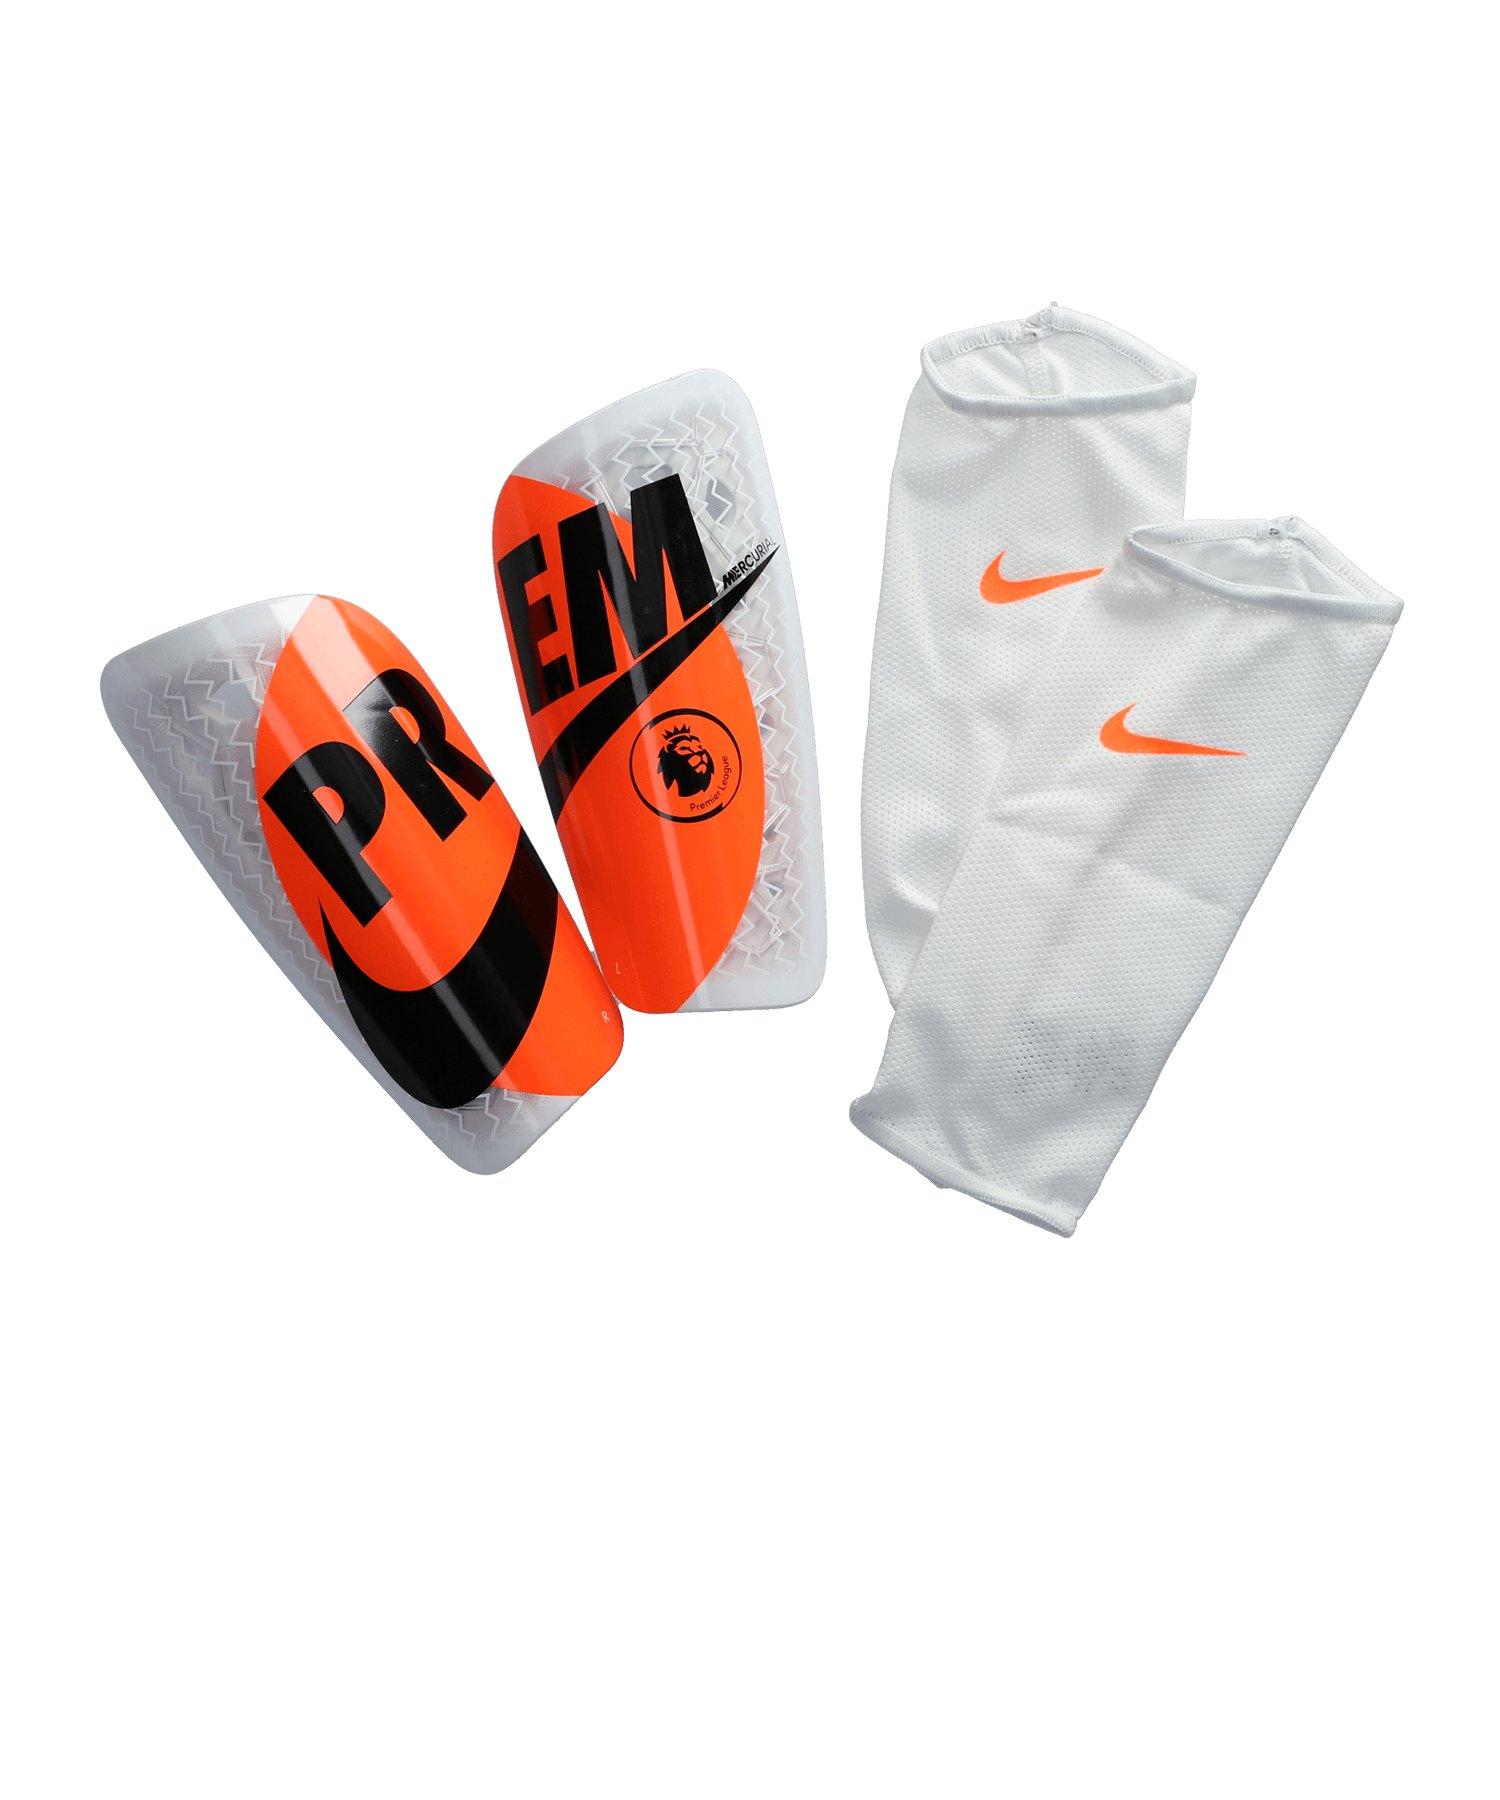 Nike Mercurial Schienbeinschoner Weiss F100 - weiss